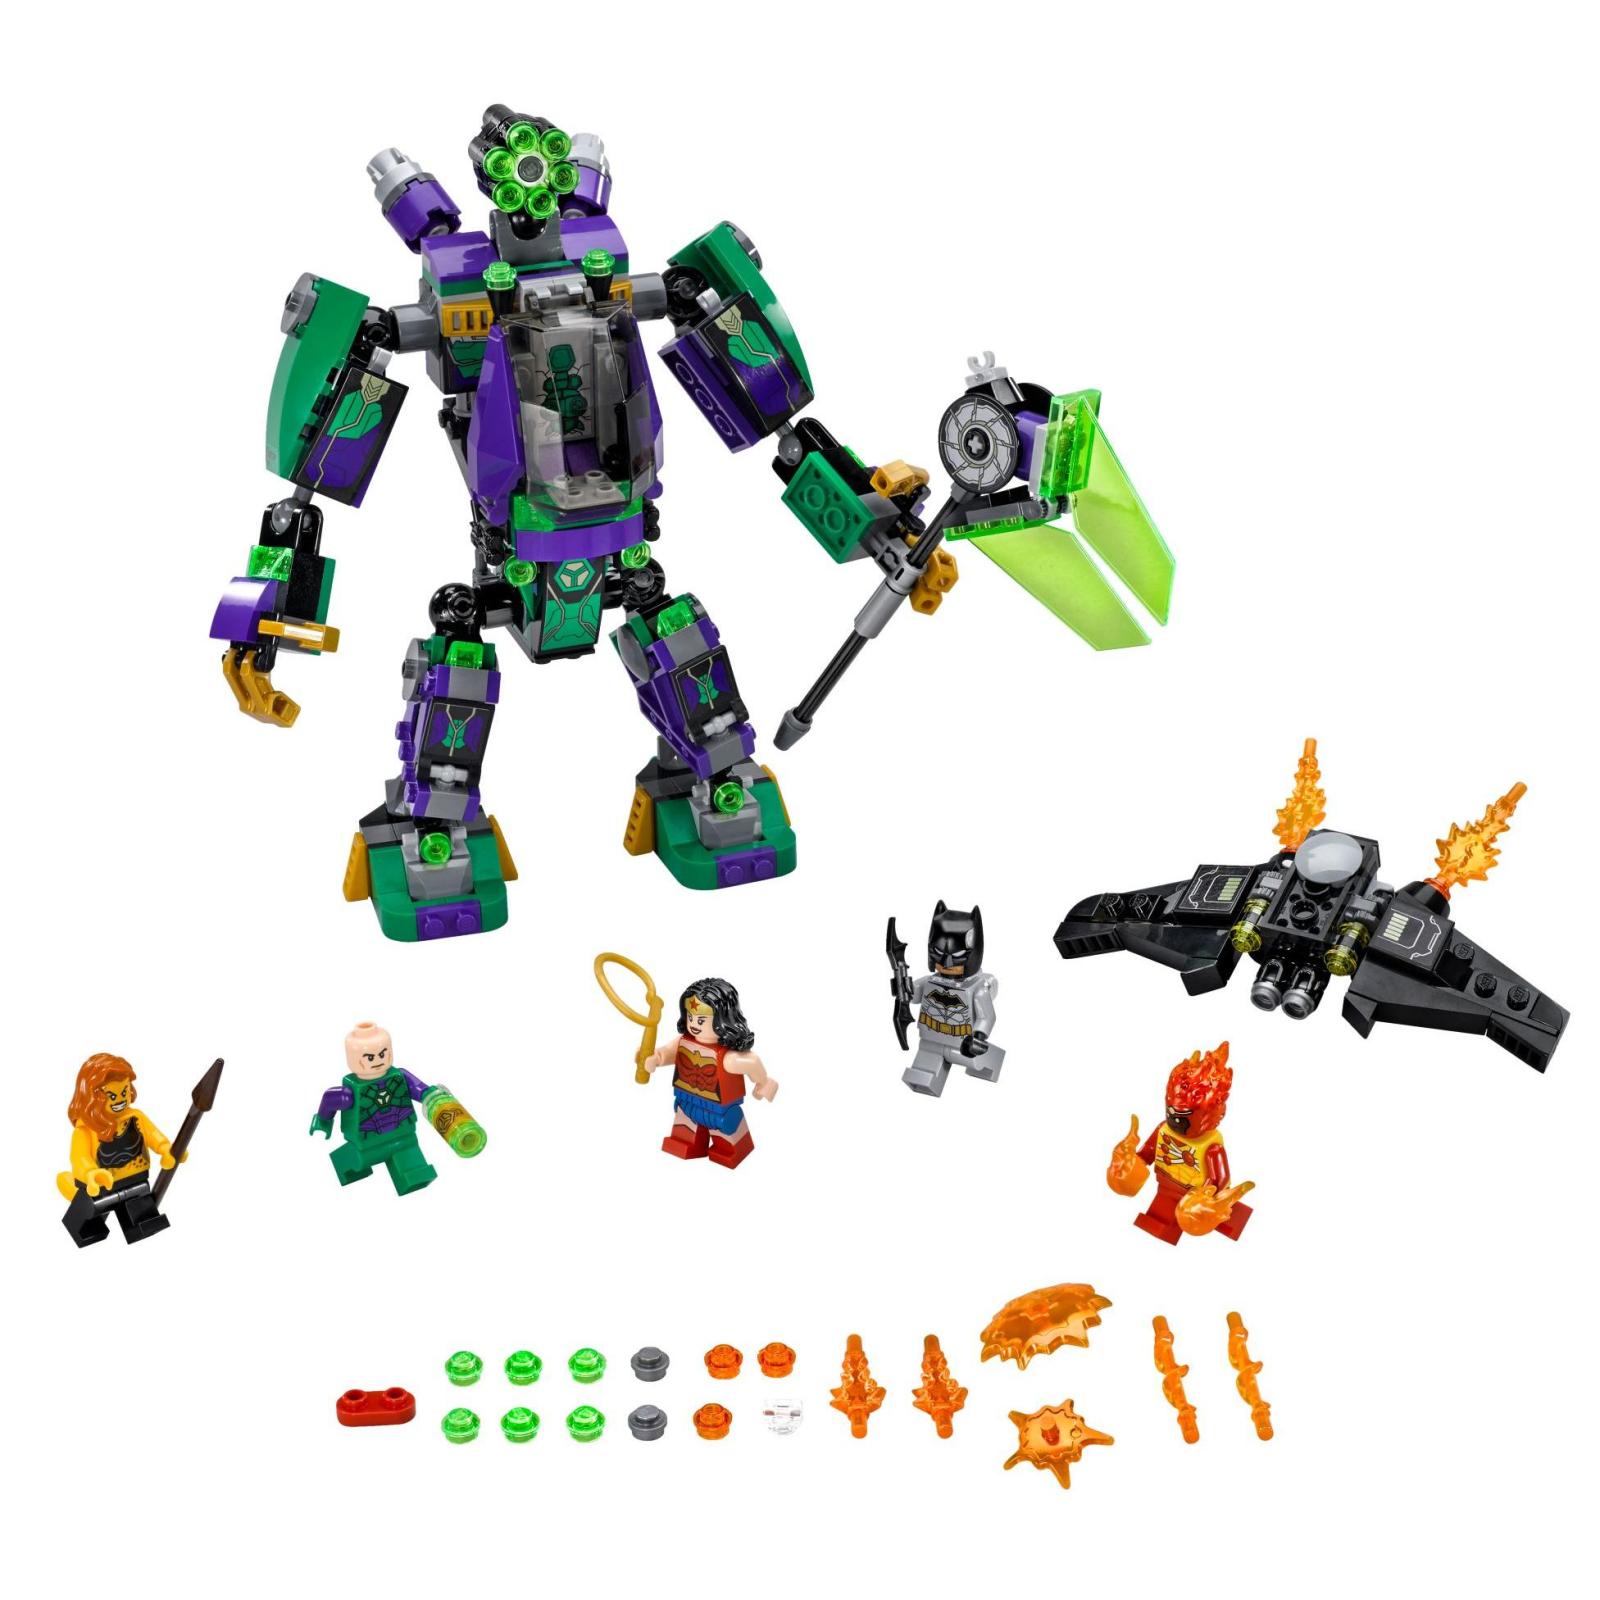 Конструктор LEGO Super Heroes Робоштурм Лекс Лютор (76097) изображение 2